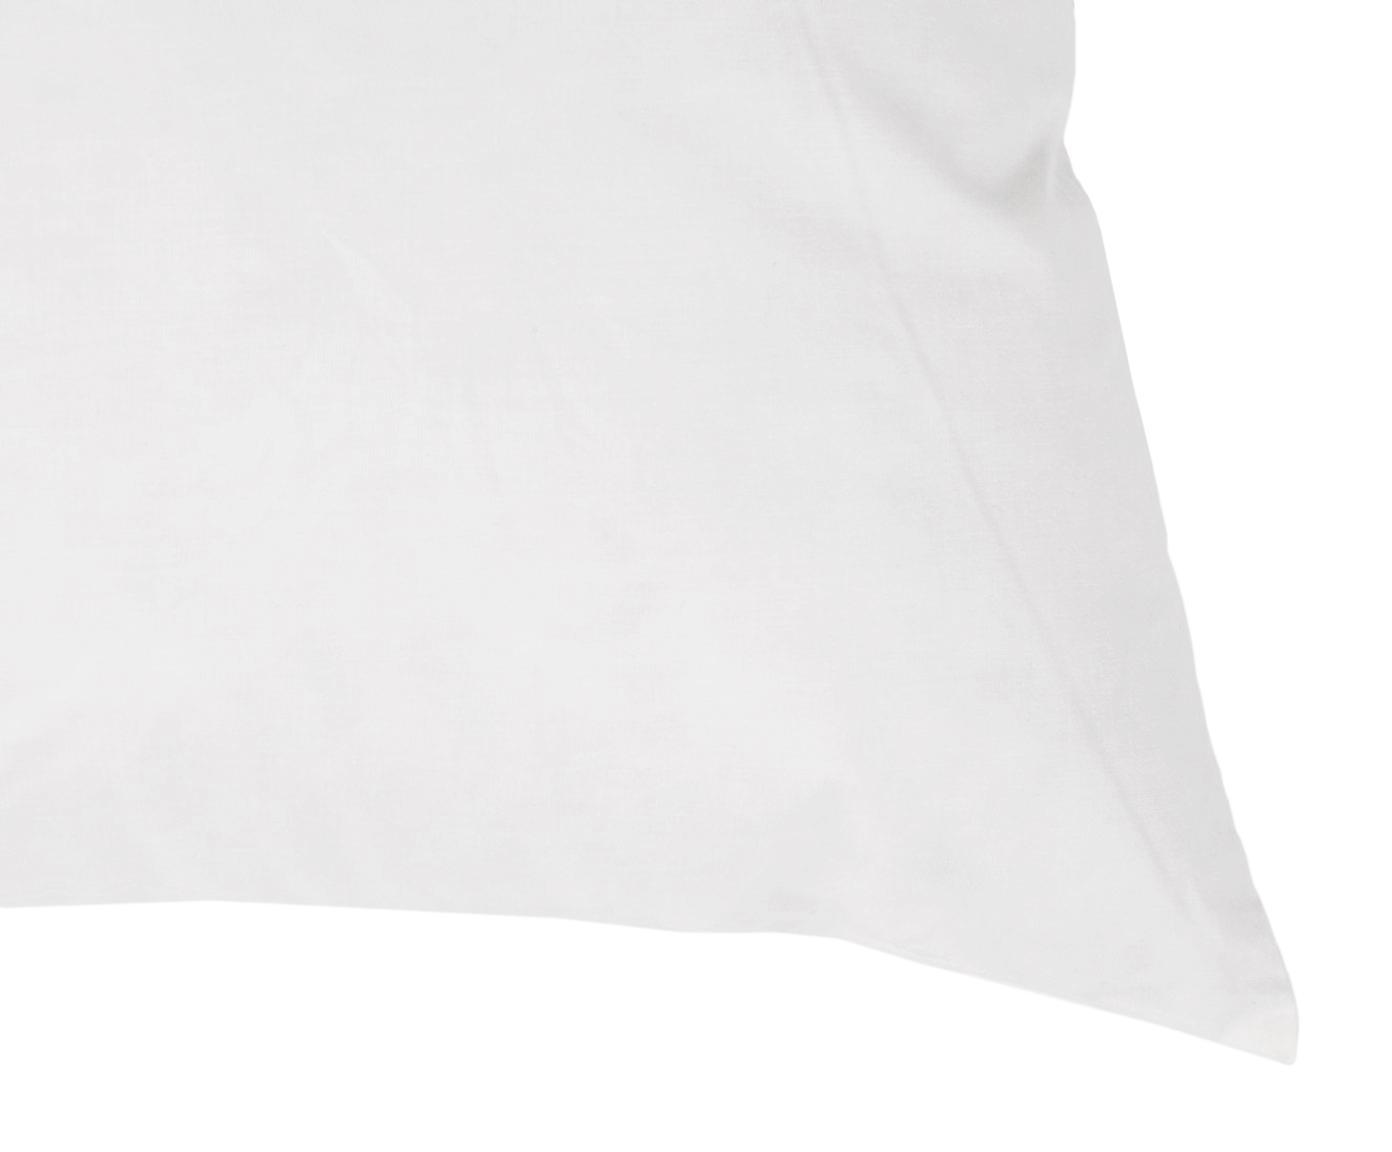 Kissen-Inlett Comfort, 40x60, Feder-Füllung, Weiss, 40 x 60 cm